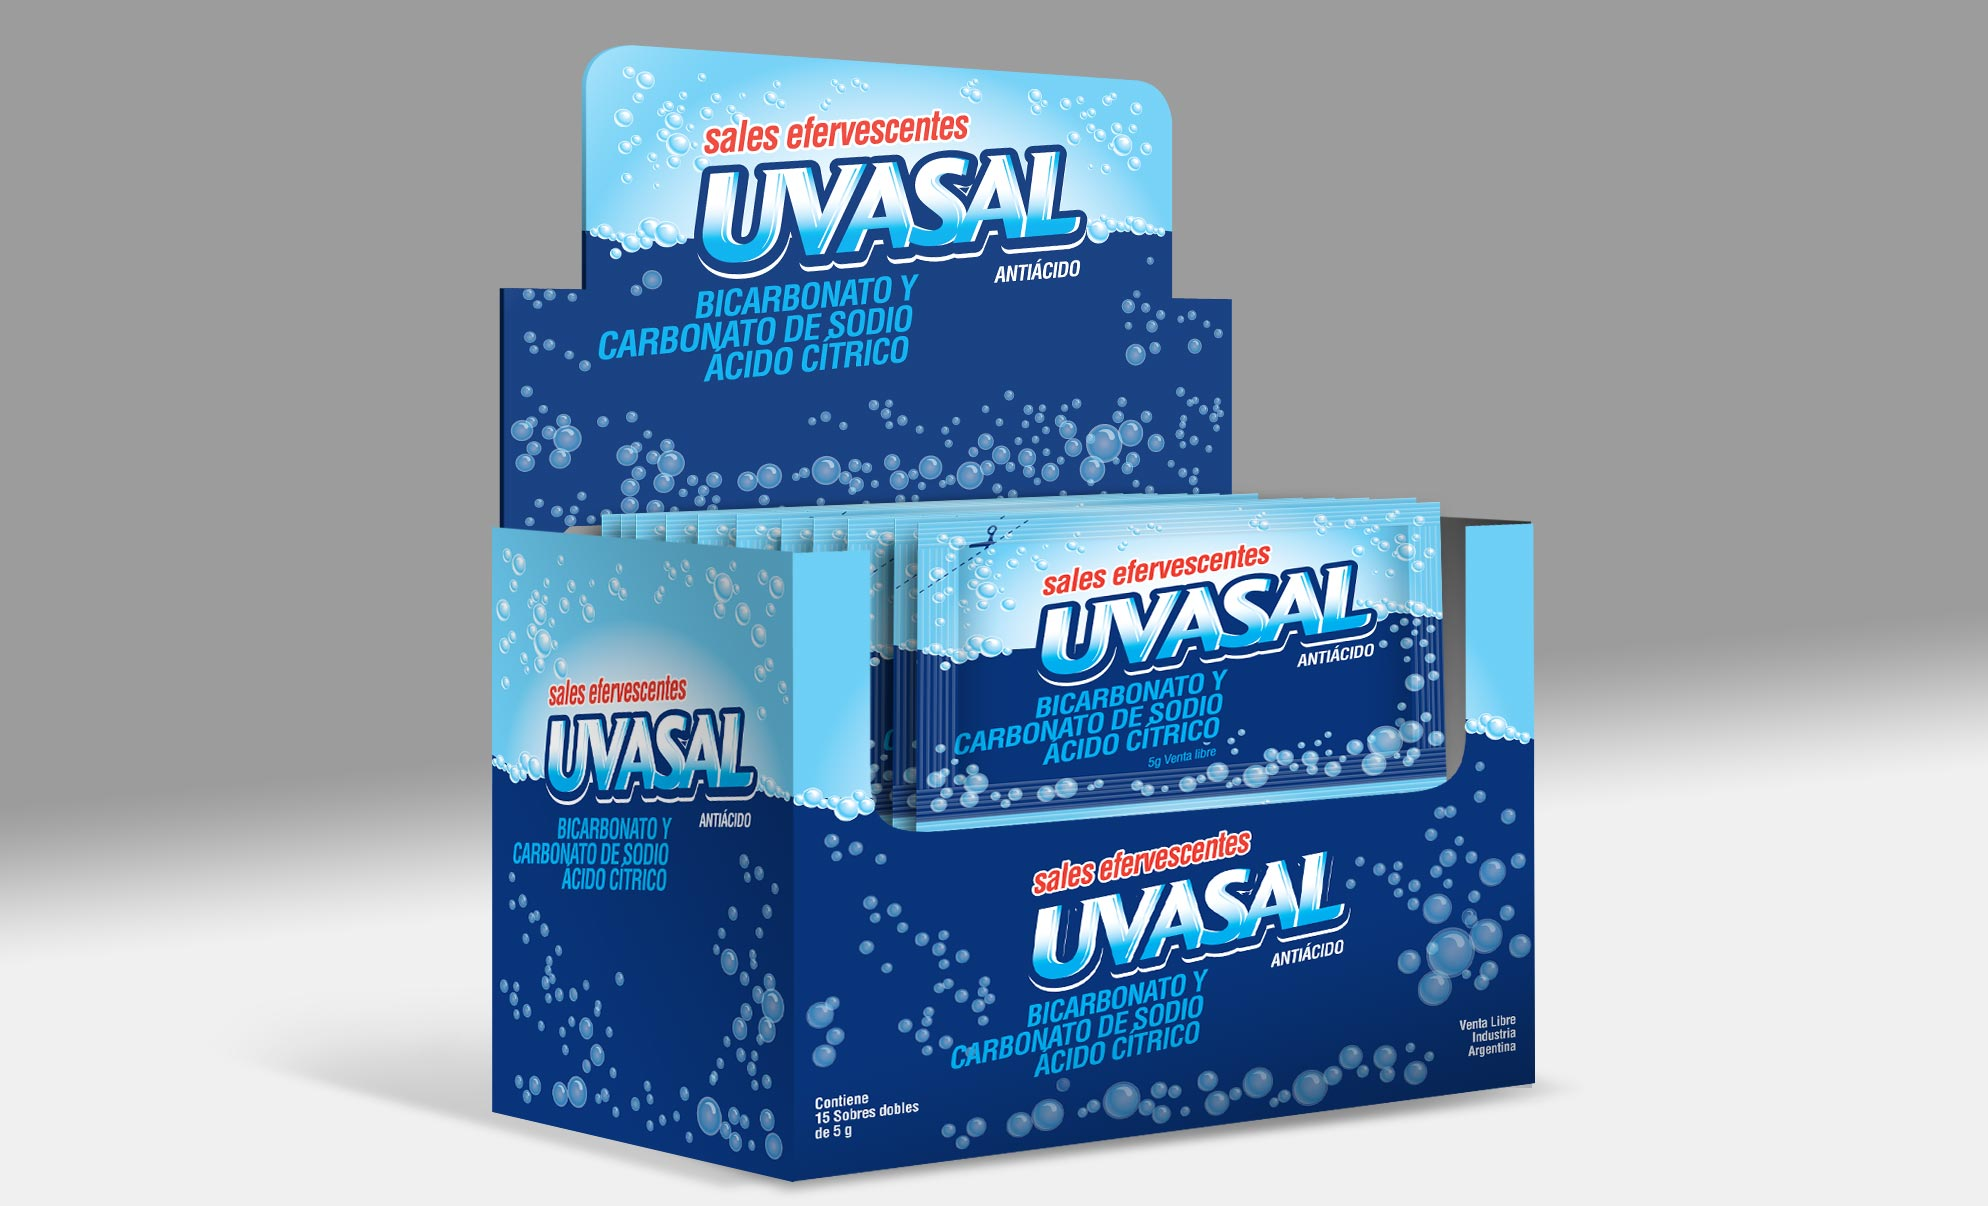 Glaxosmithkline Uvasal Packaging